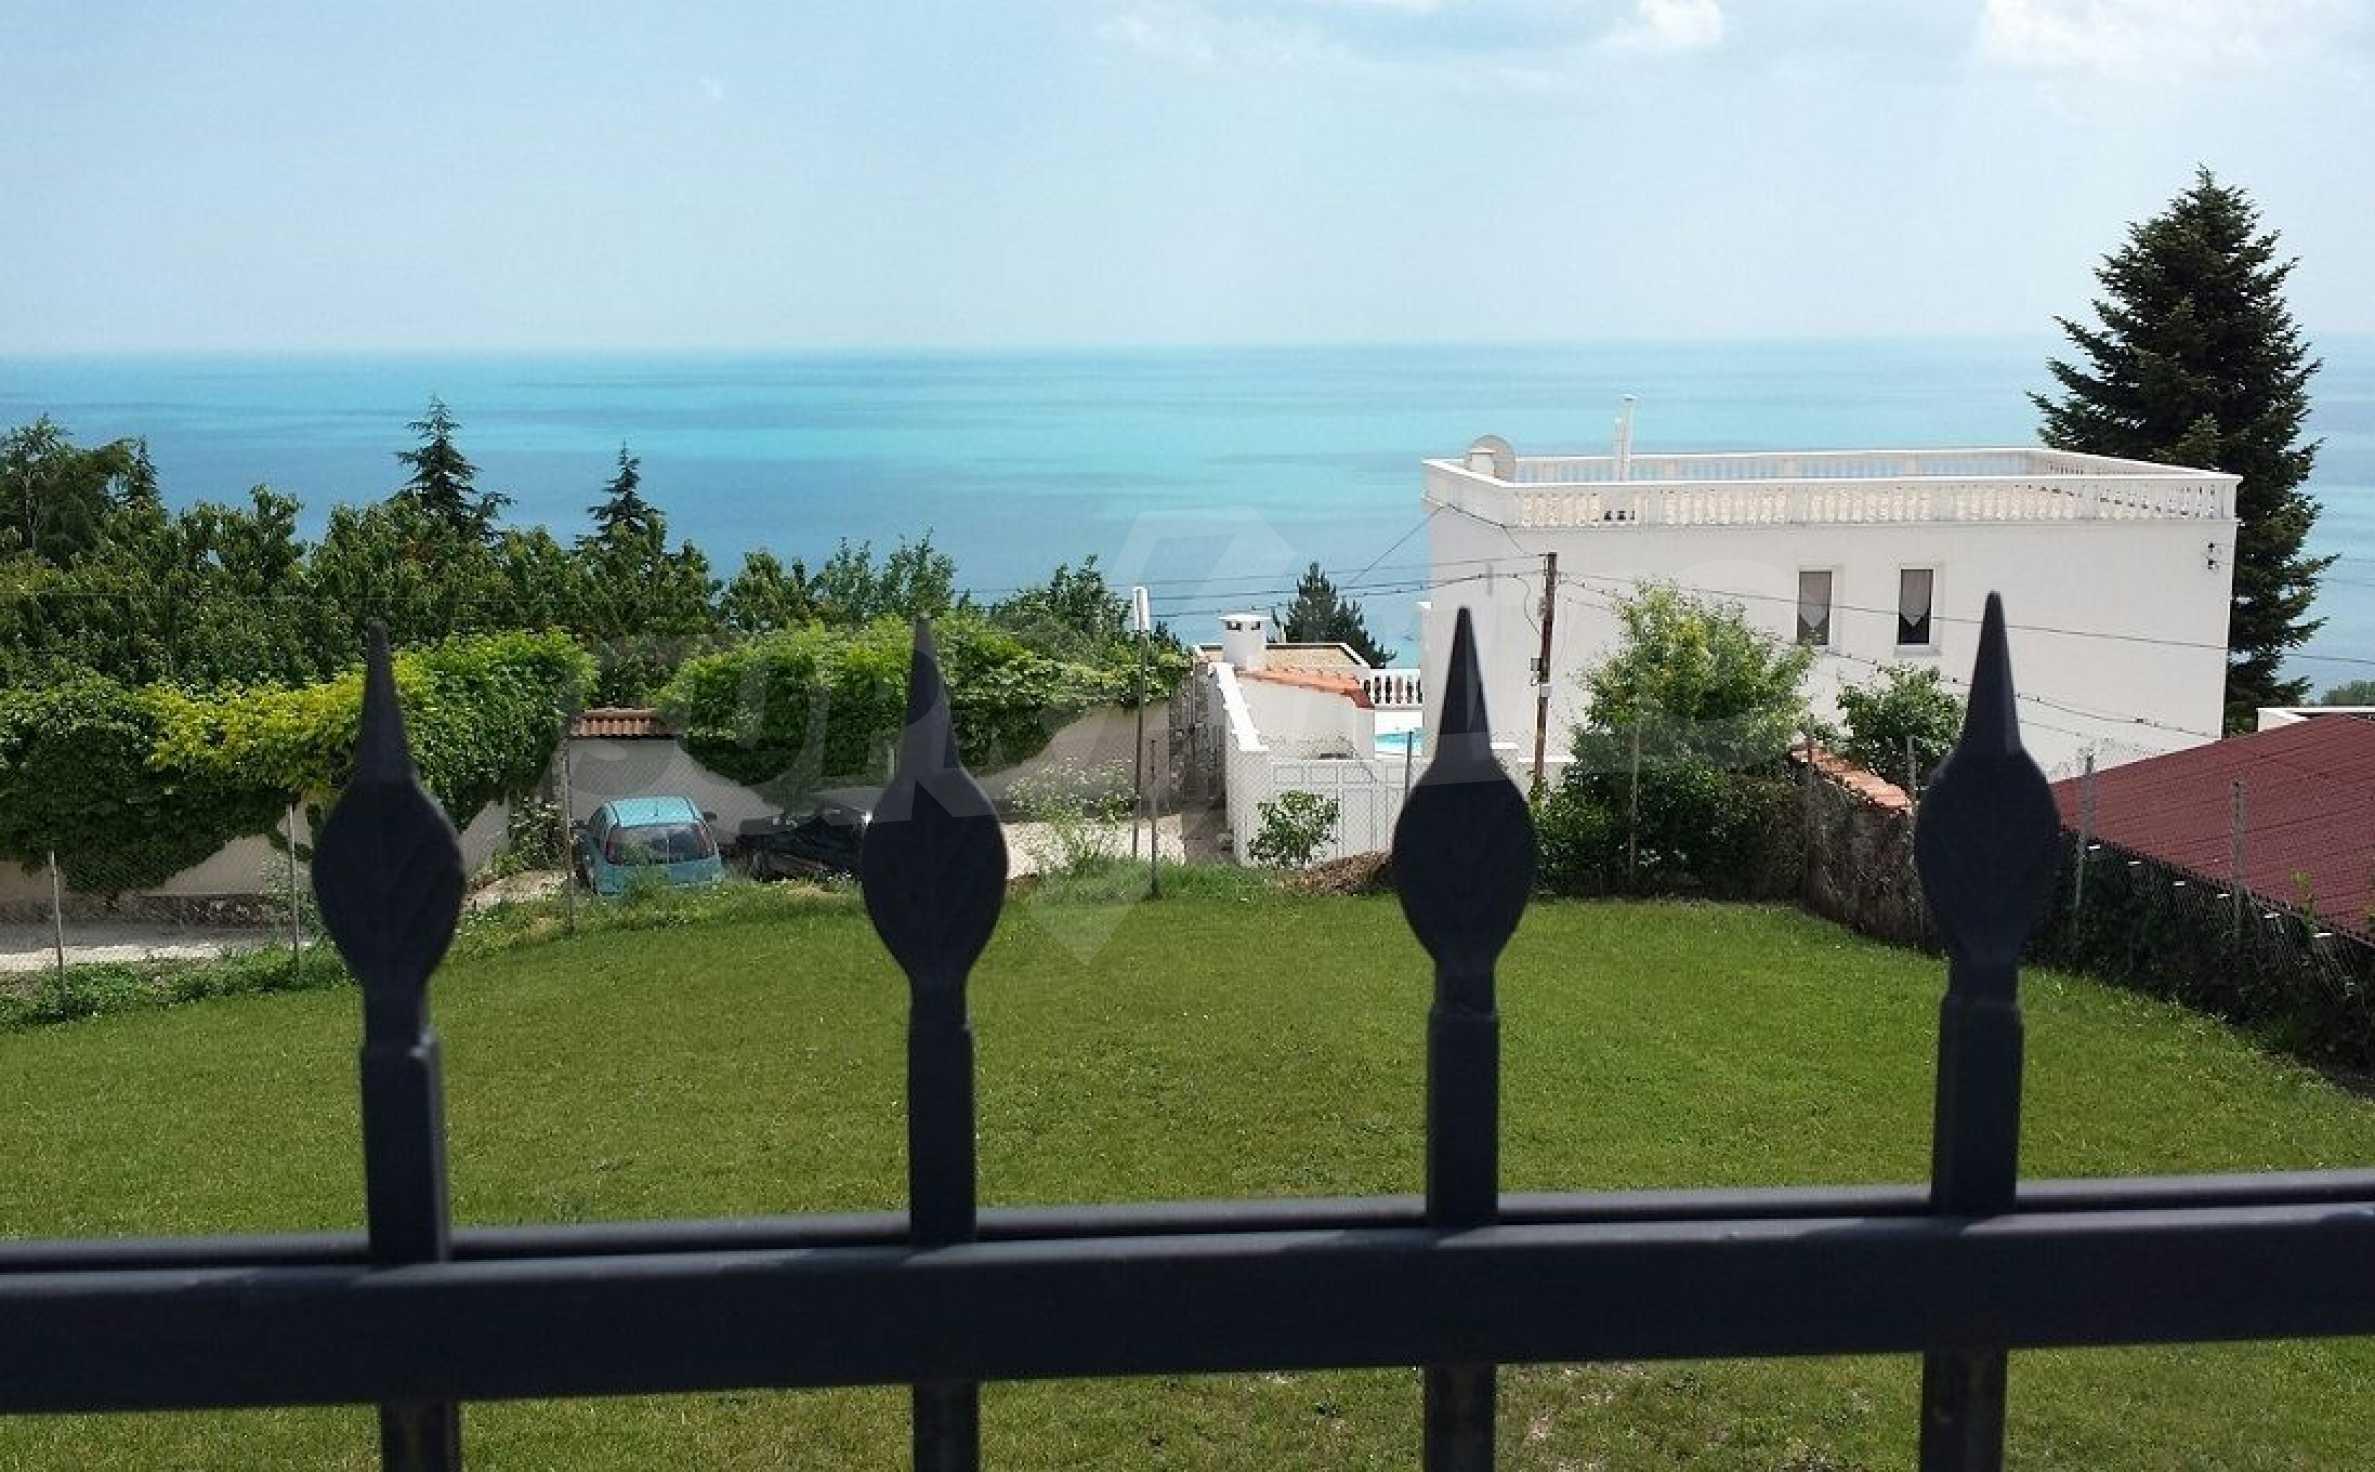 Luxusvilla mit 4 Schlafzimmern zu vermieten in der Nähe des Resorts. Albena 25